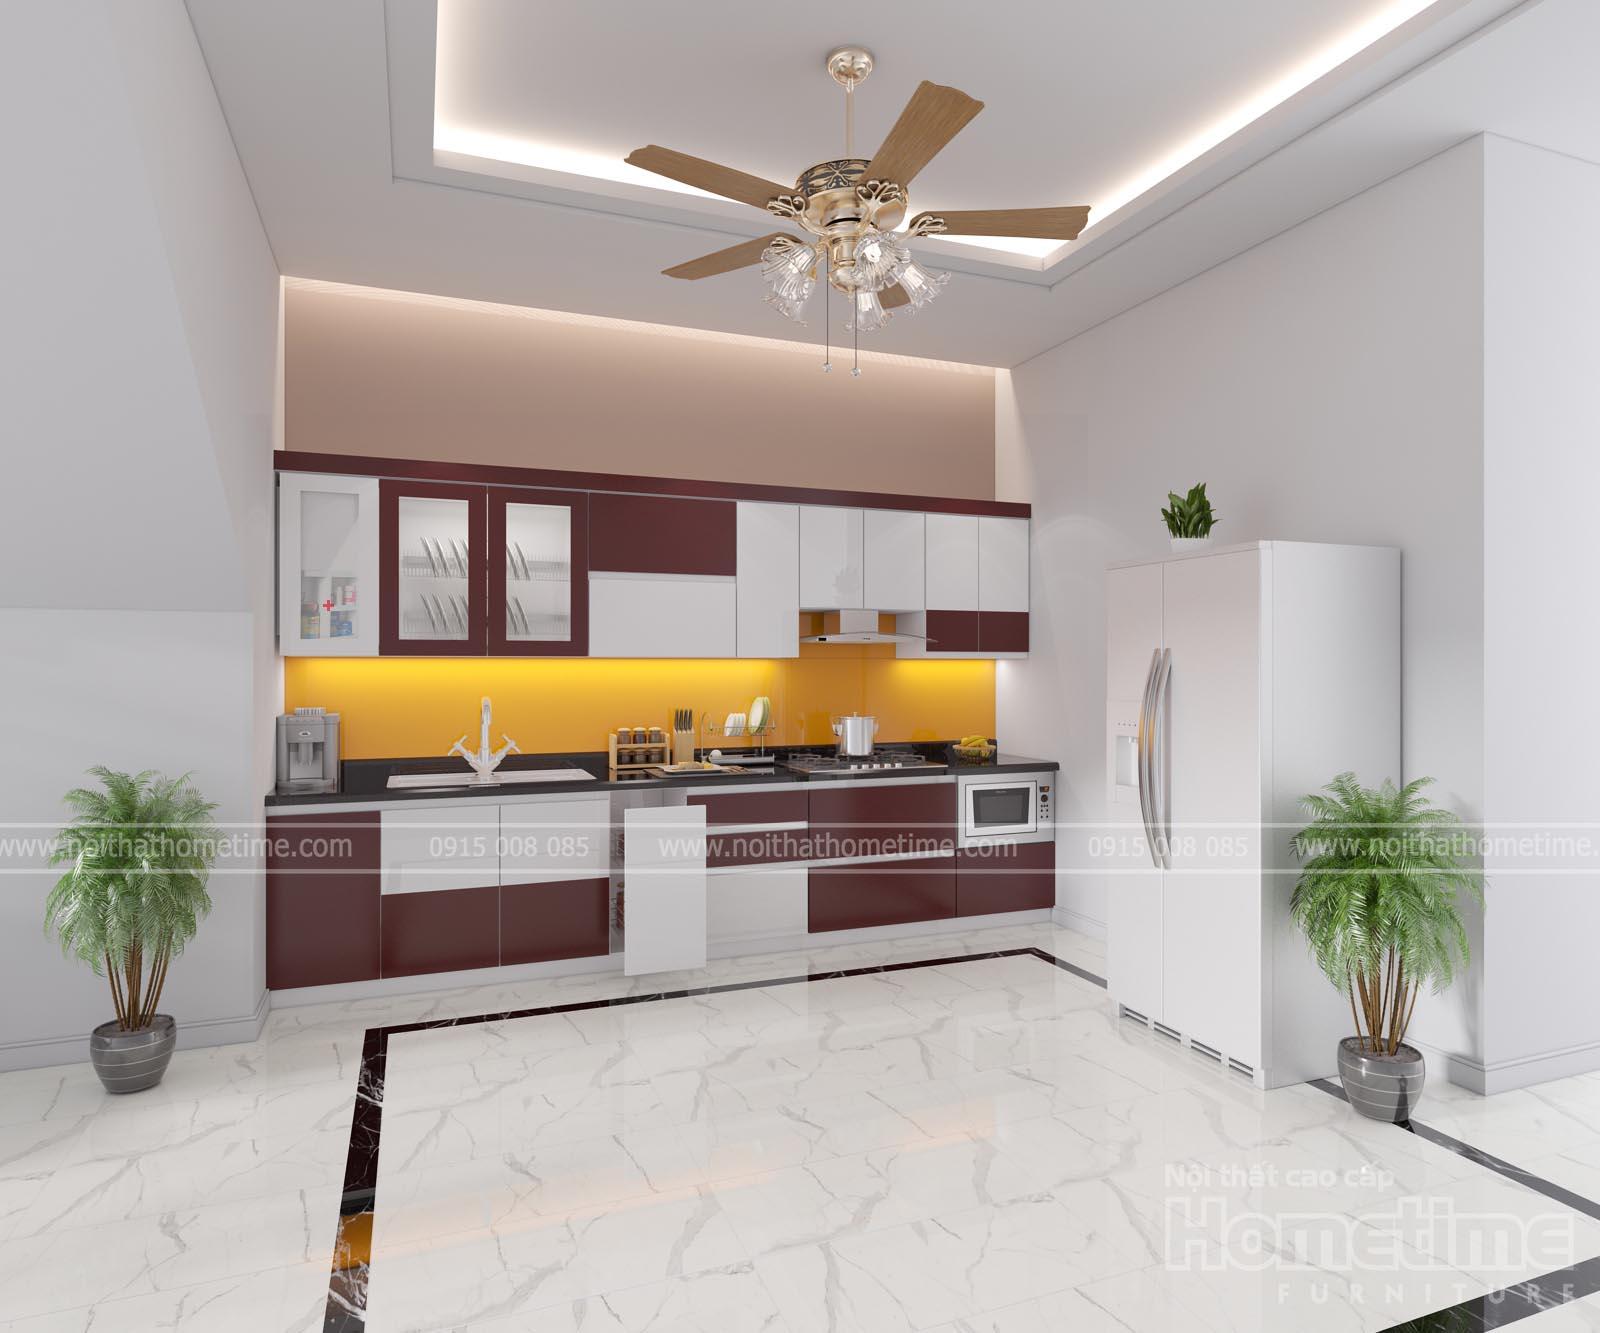 Thiết kế tủ bếp hiện đại tiện nghi cho gia chủ